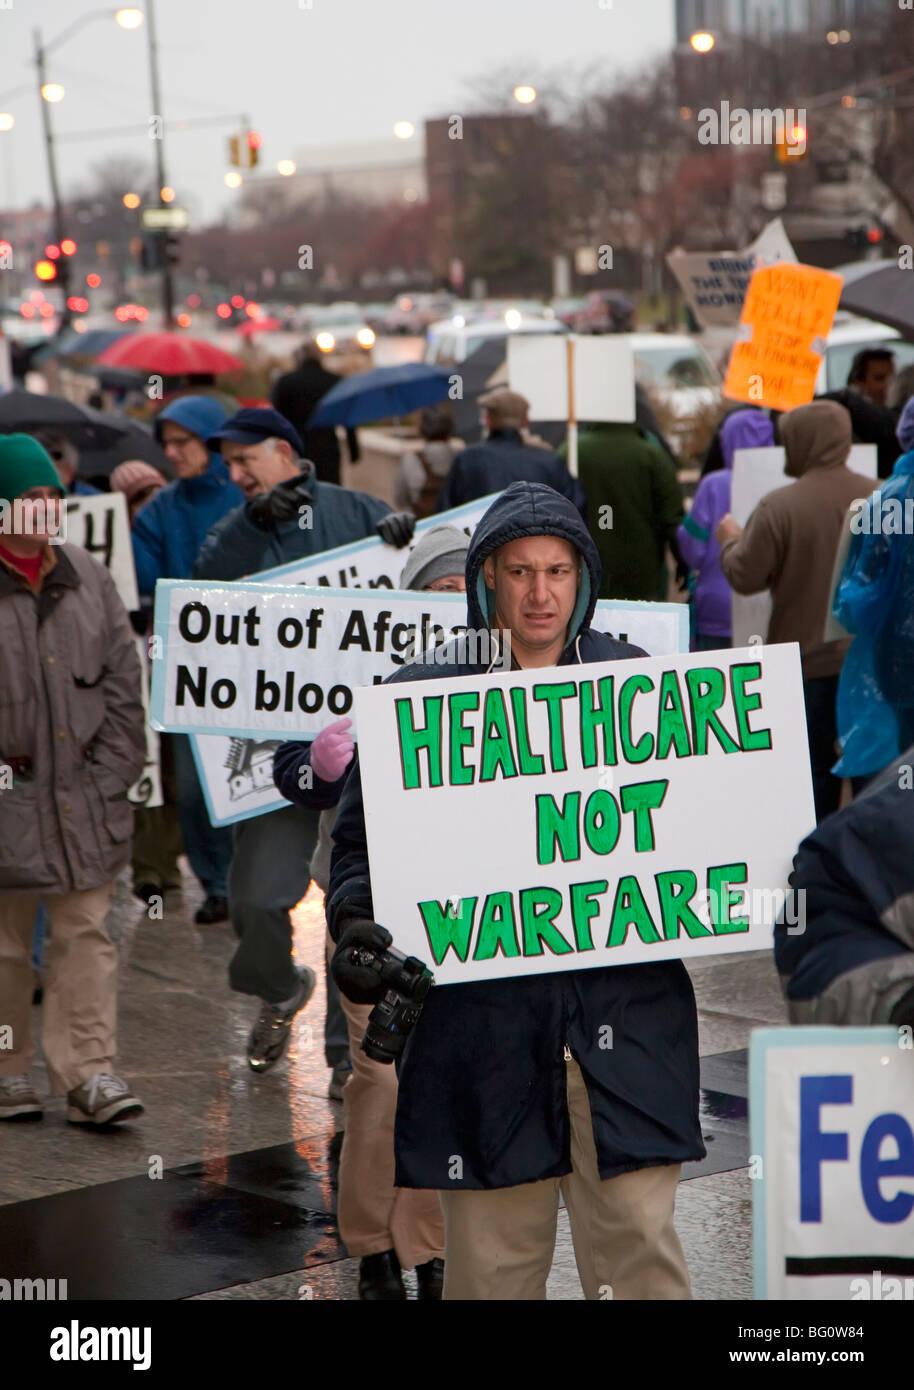 Protestation contre le président Obama's escalade de la guerre en Afghanistan Photo Stock